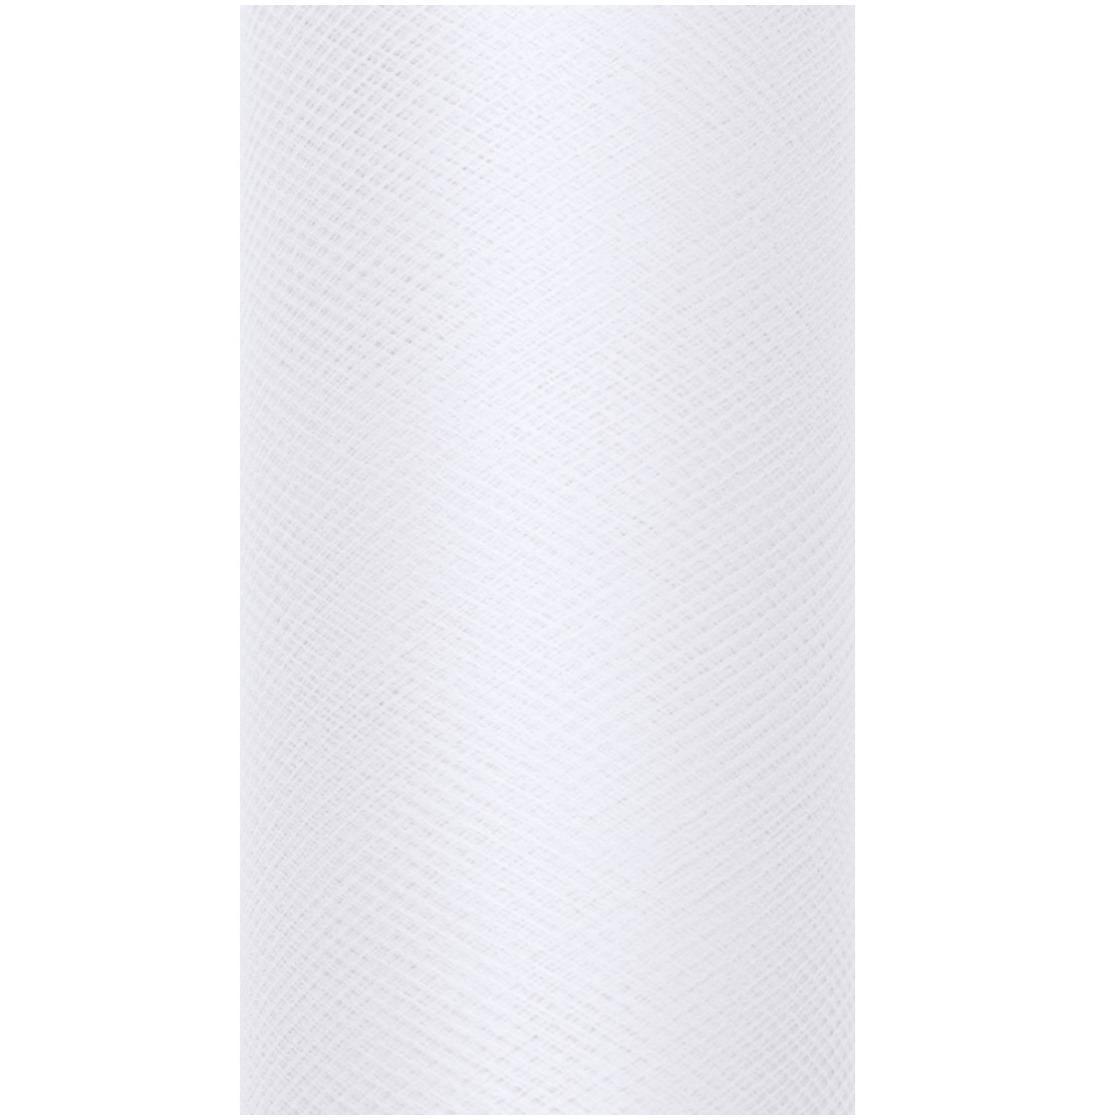 Witte tule stoffen 15 cm breed